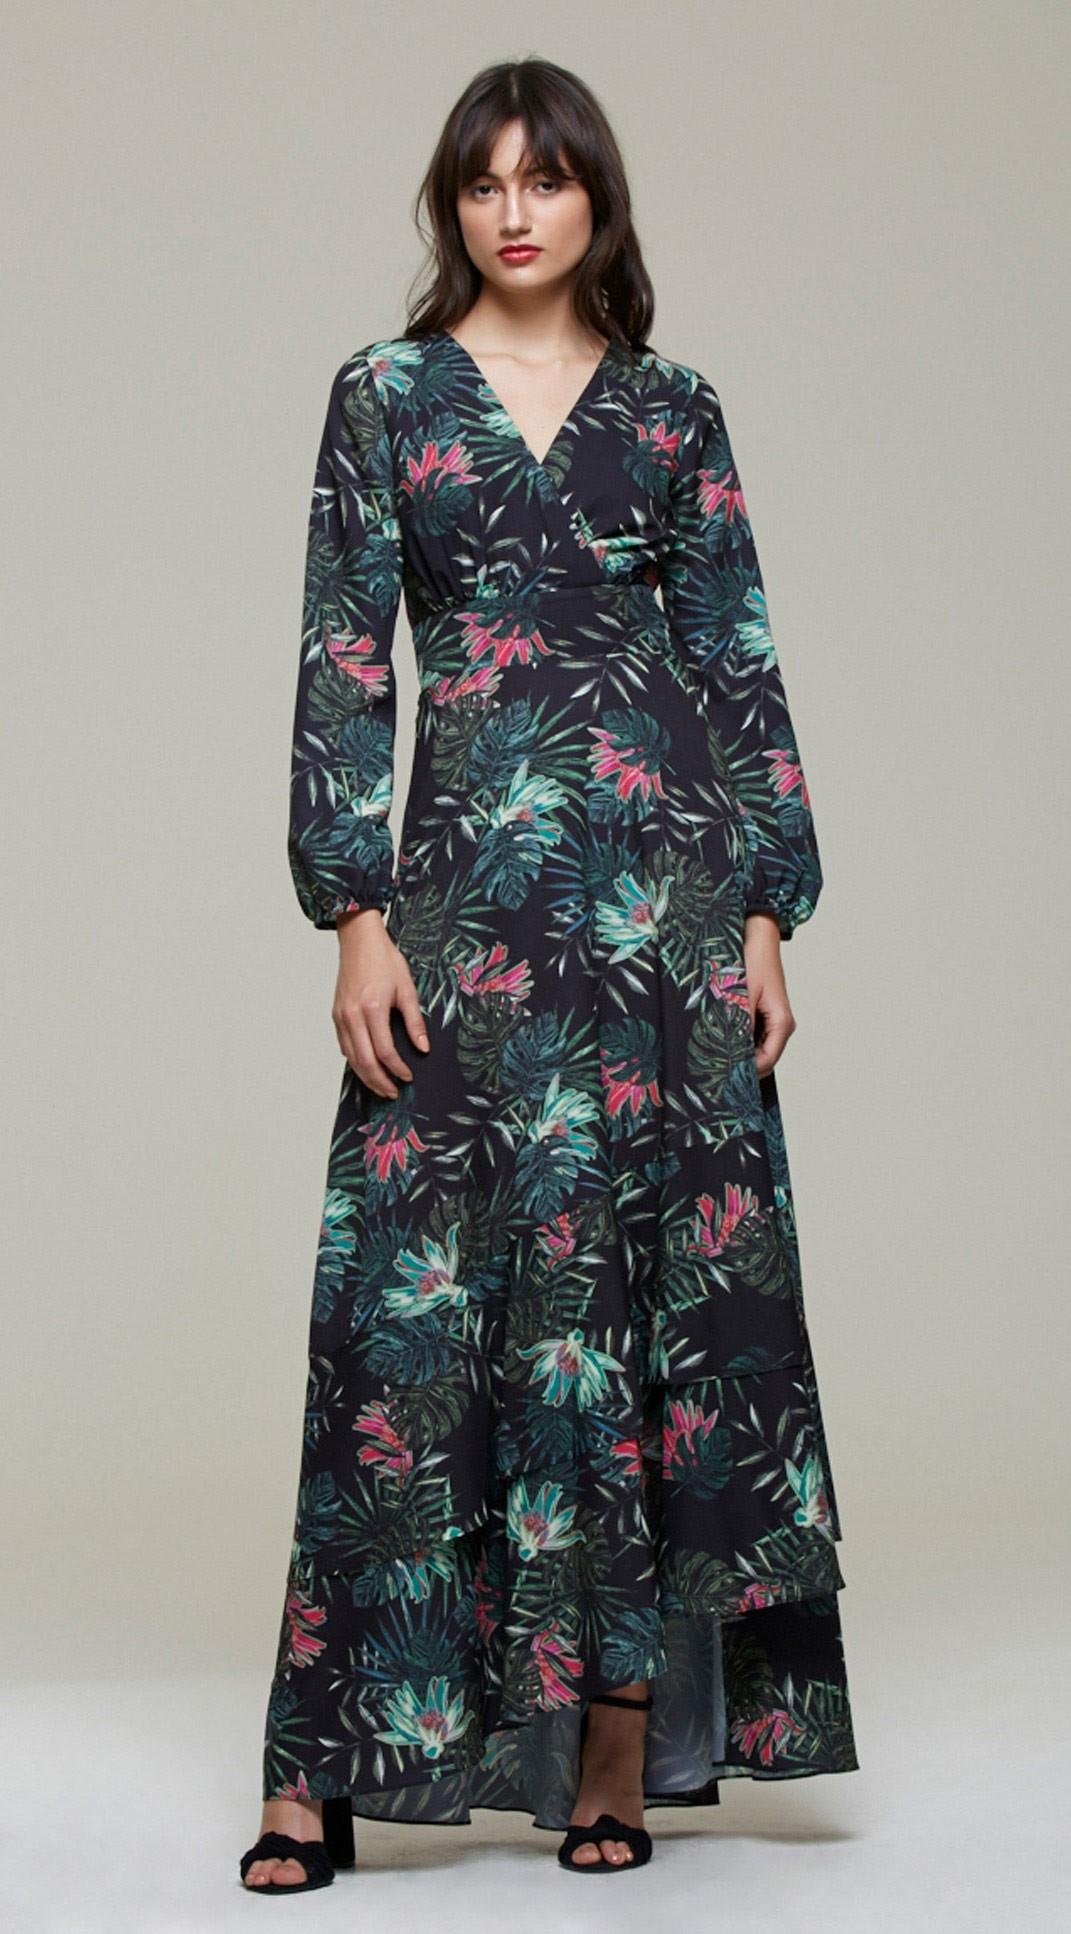 vestido estampado longo 2021